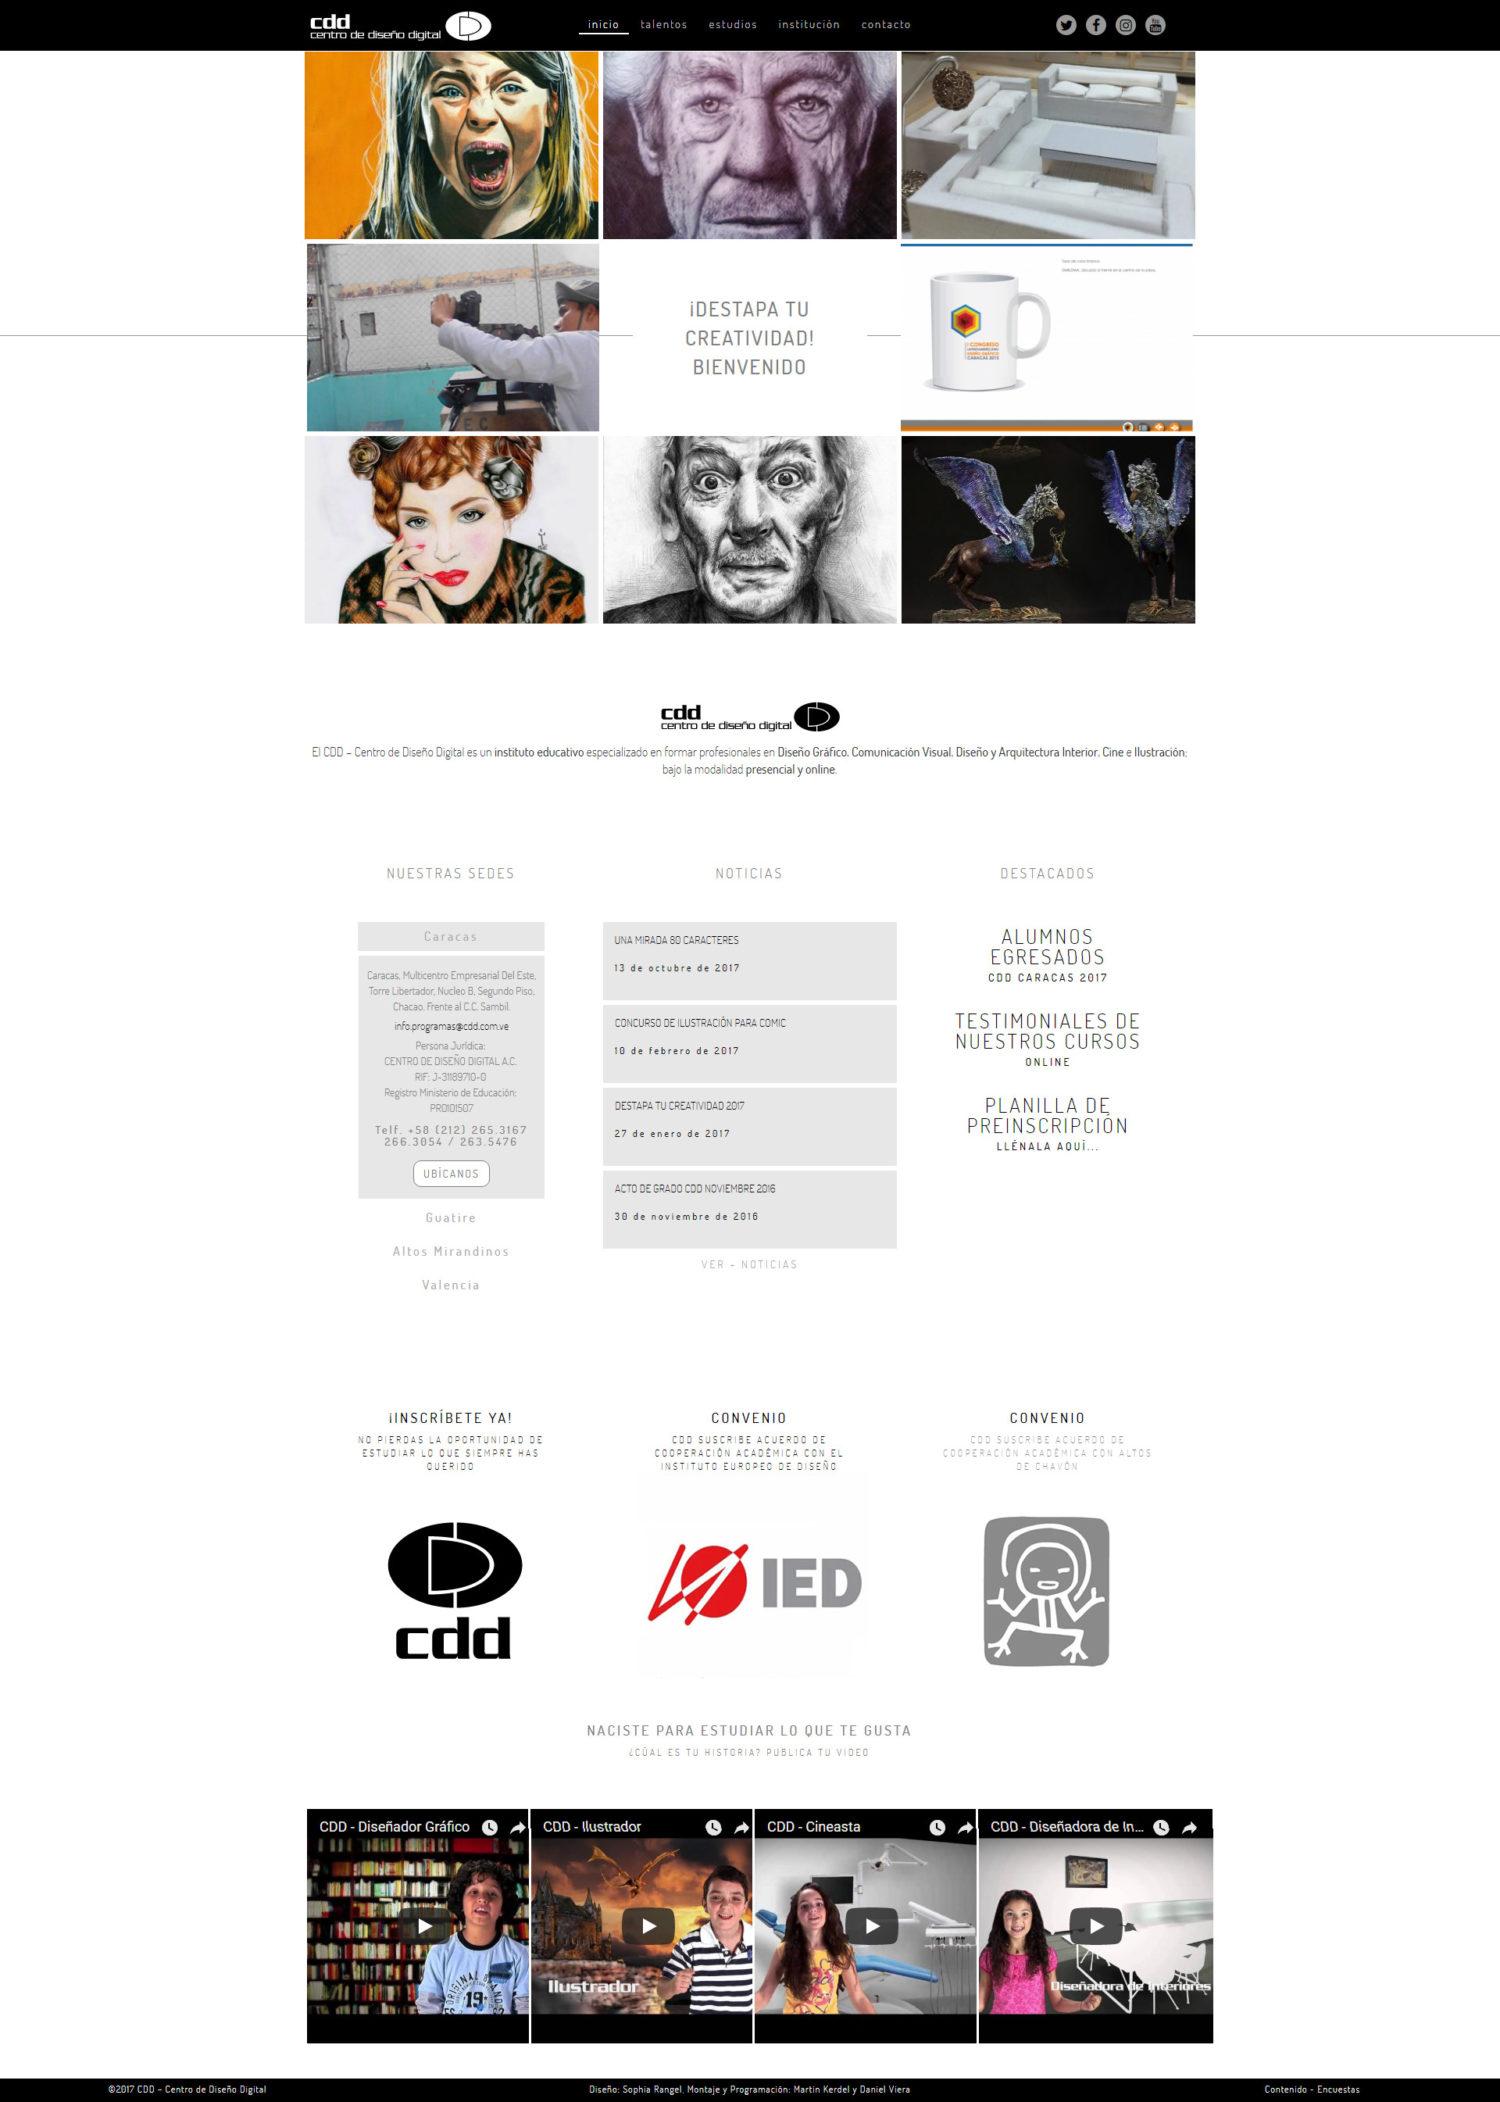 CDD Centro de Diseño Digital | Antes CDD y ahora Instituto Creativo Digital. Sitio web responsive con Wordpress y bootstrap, con filtros, bajo un diseño por concurso de Sophia Rangel, Montaje y Programación: Martin Kerdel y Daniel Viera